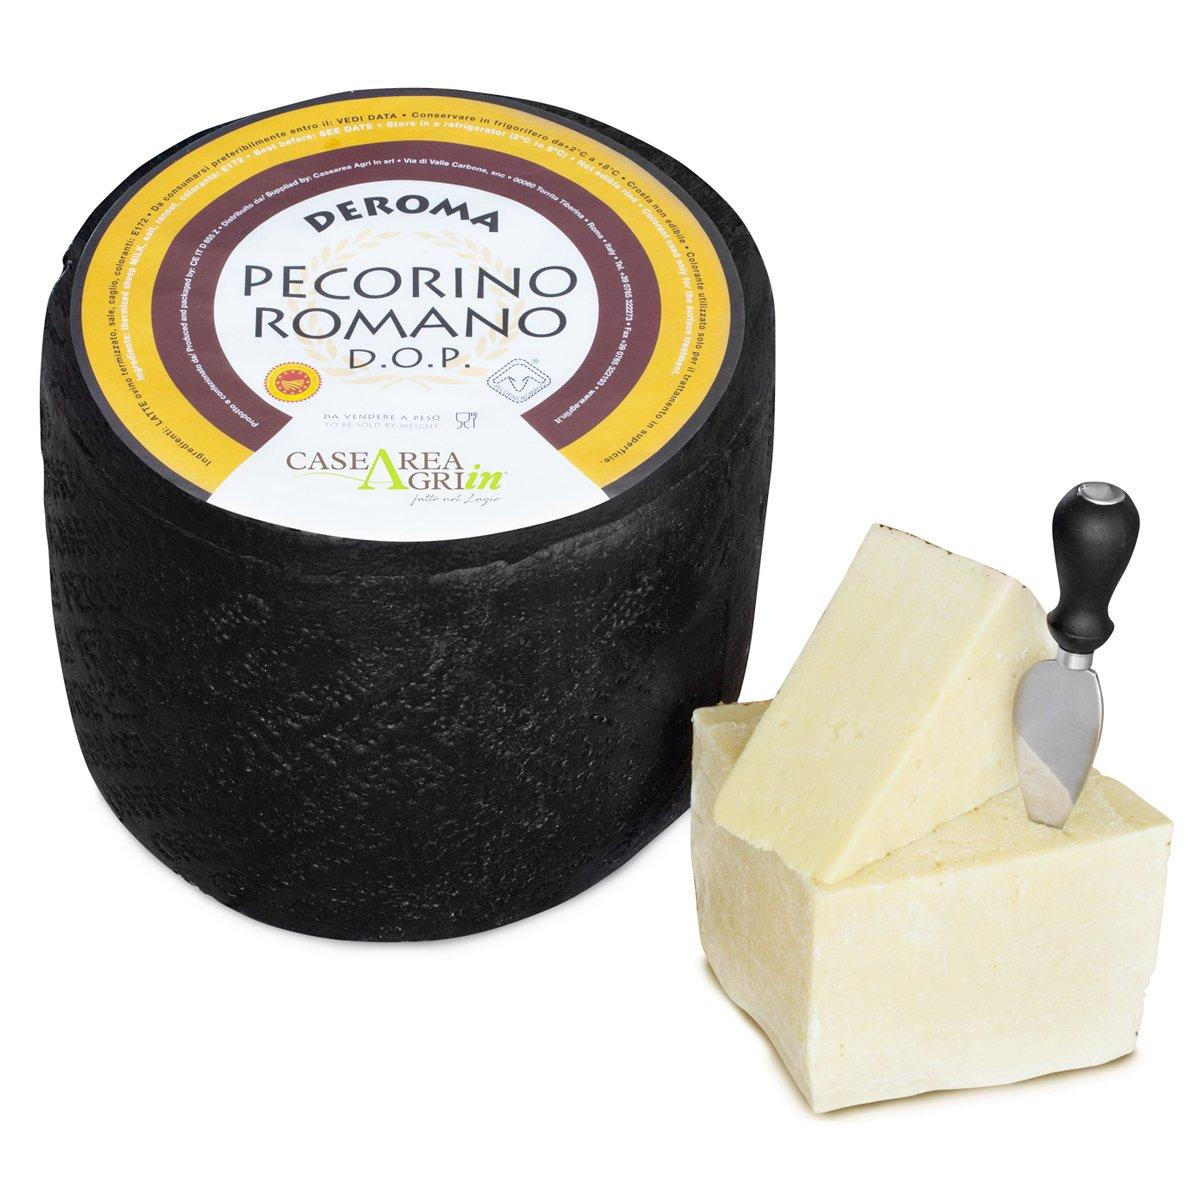 Pecorino Romano Italian Cheese DeRoma Agri-in D.O.P. 2.5 pound